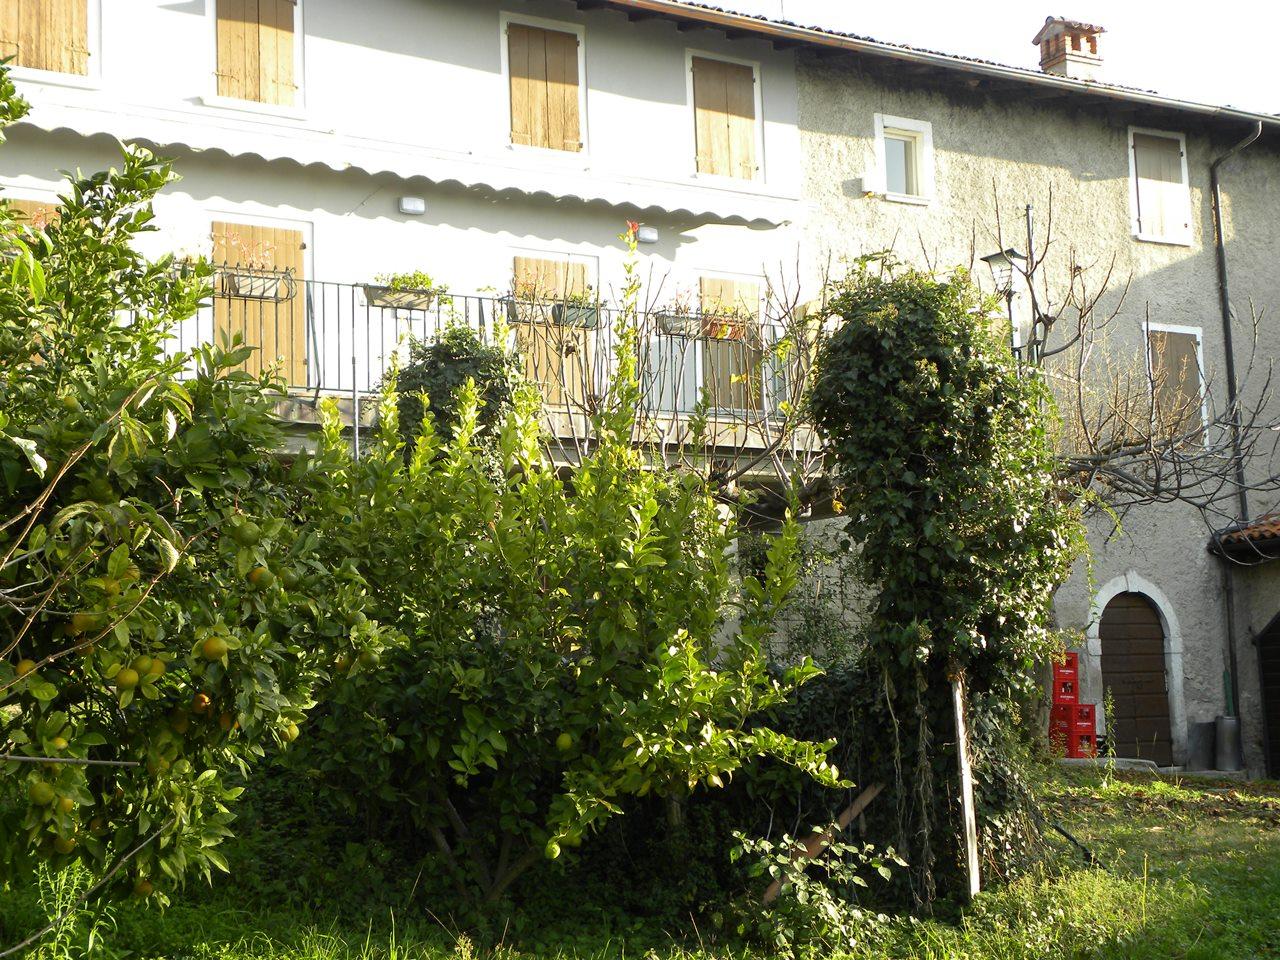 Ristorante / Pizzeria / Trattoria in vendita a Gardone Riviera, 9999 locali, prezzo € 250.000 | PortaleAgenzieImmobiliari.it